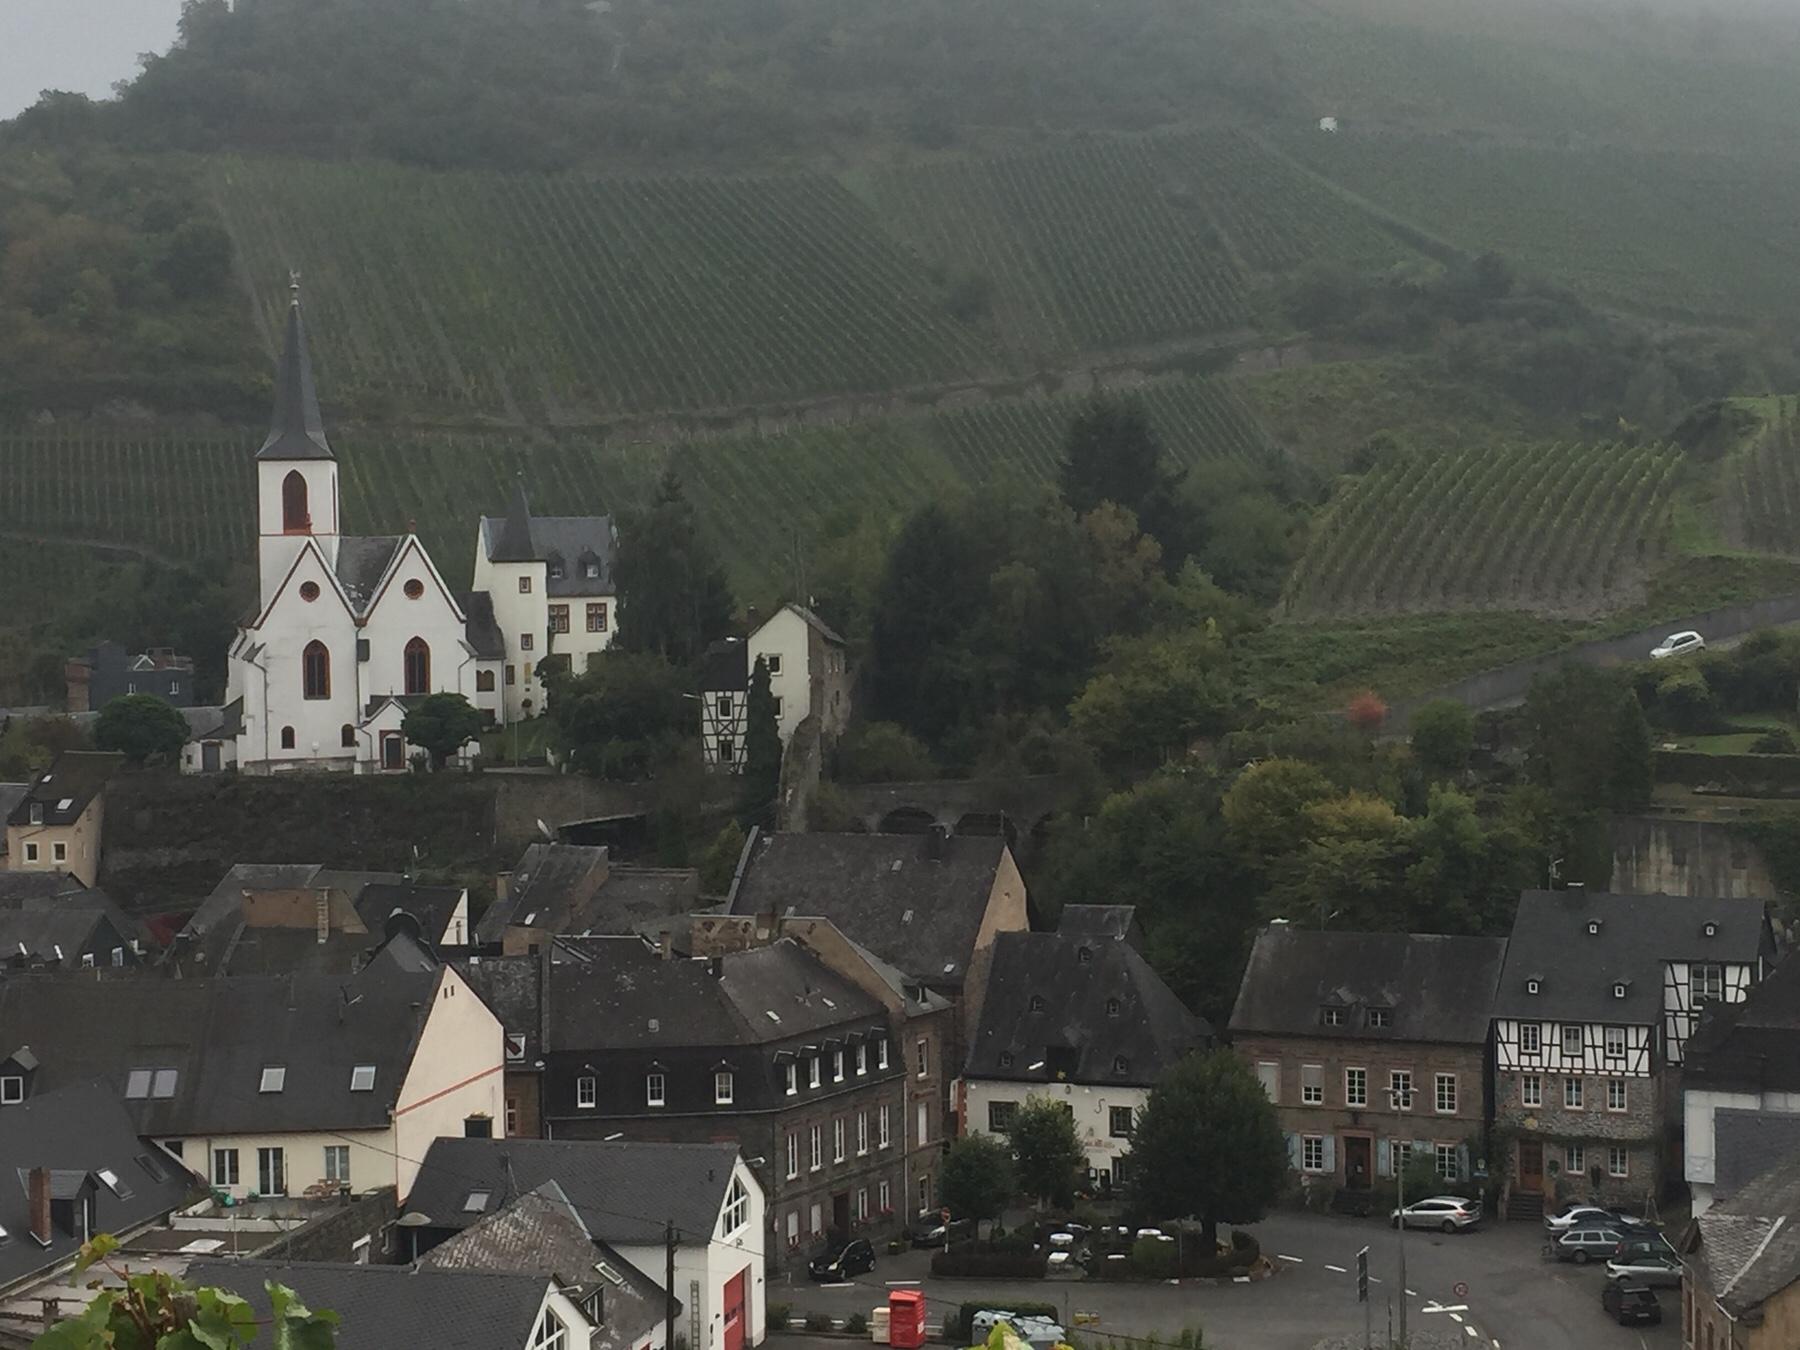 Mosel-Camino: Rückblick auf Kirche und Lateinschule von Traben-Trarbach auf dem Weg nach Klausen